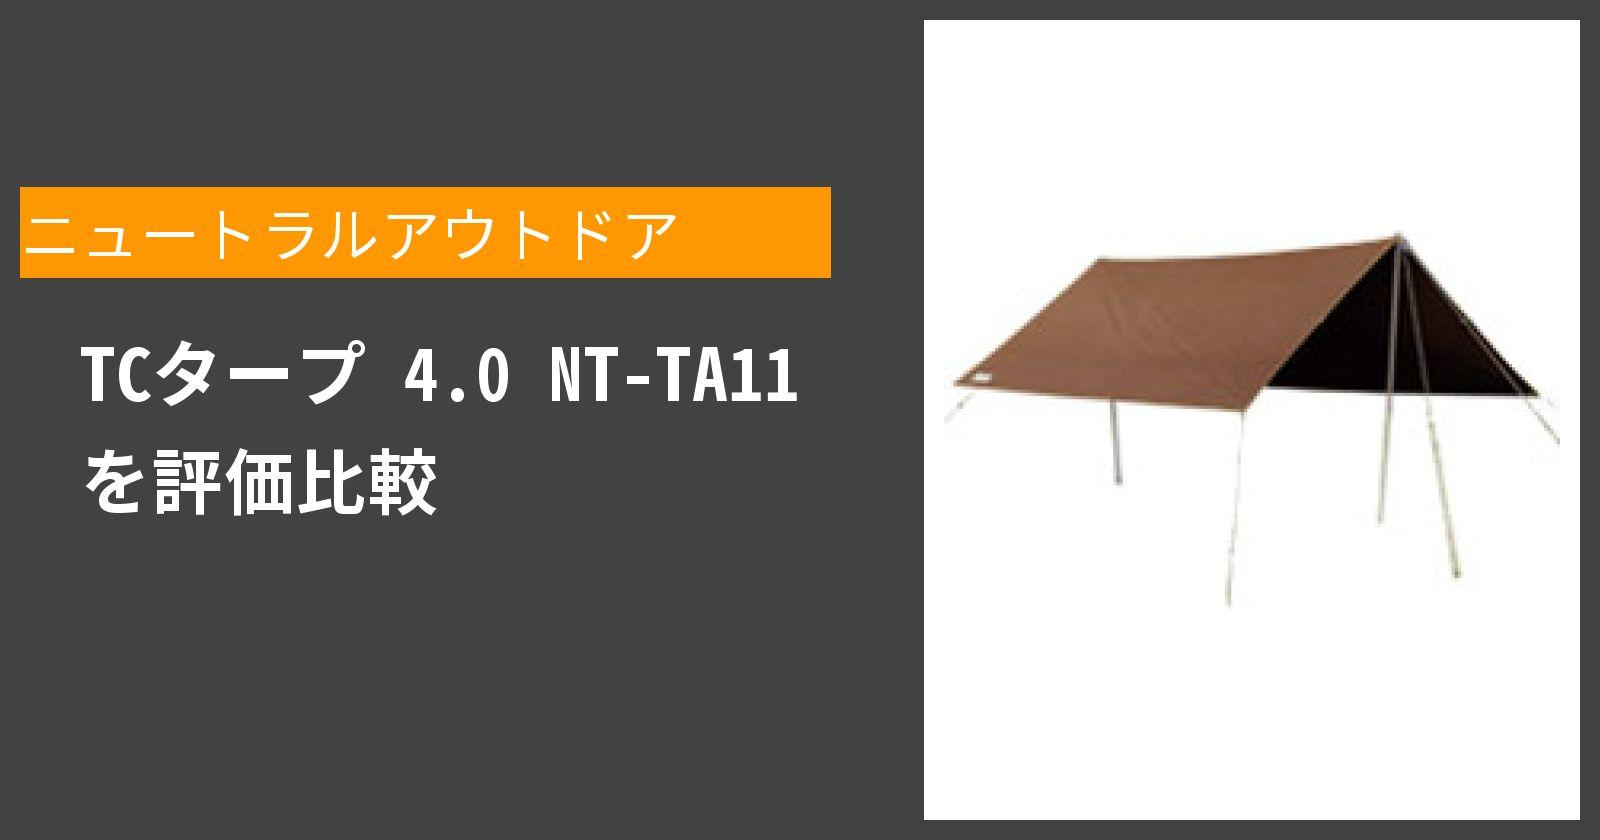 TCタープ 4.0 NT-TA11を徹底評価